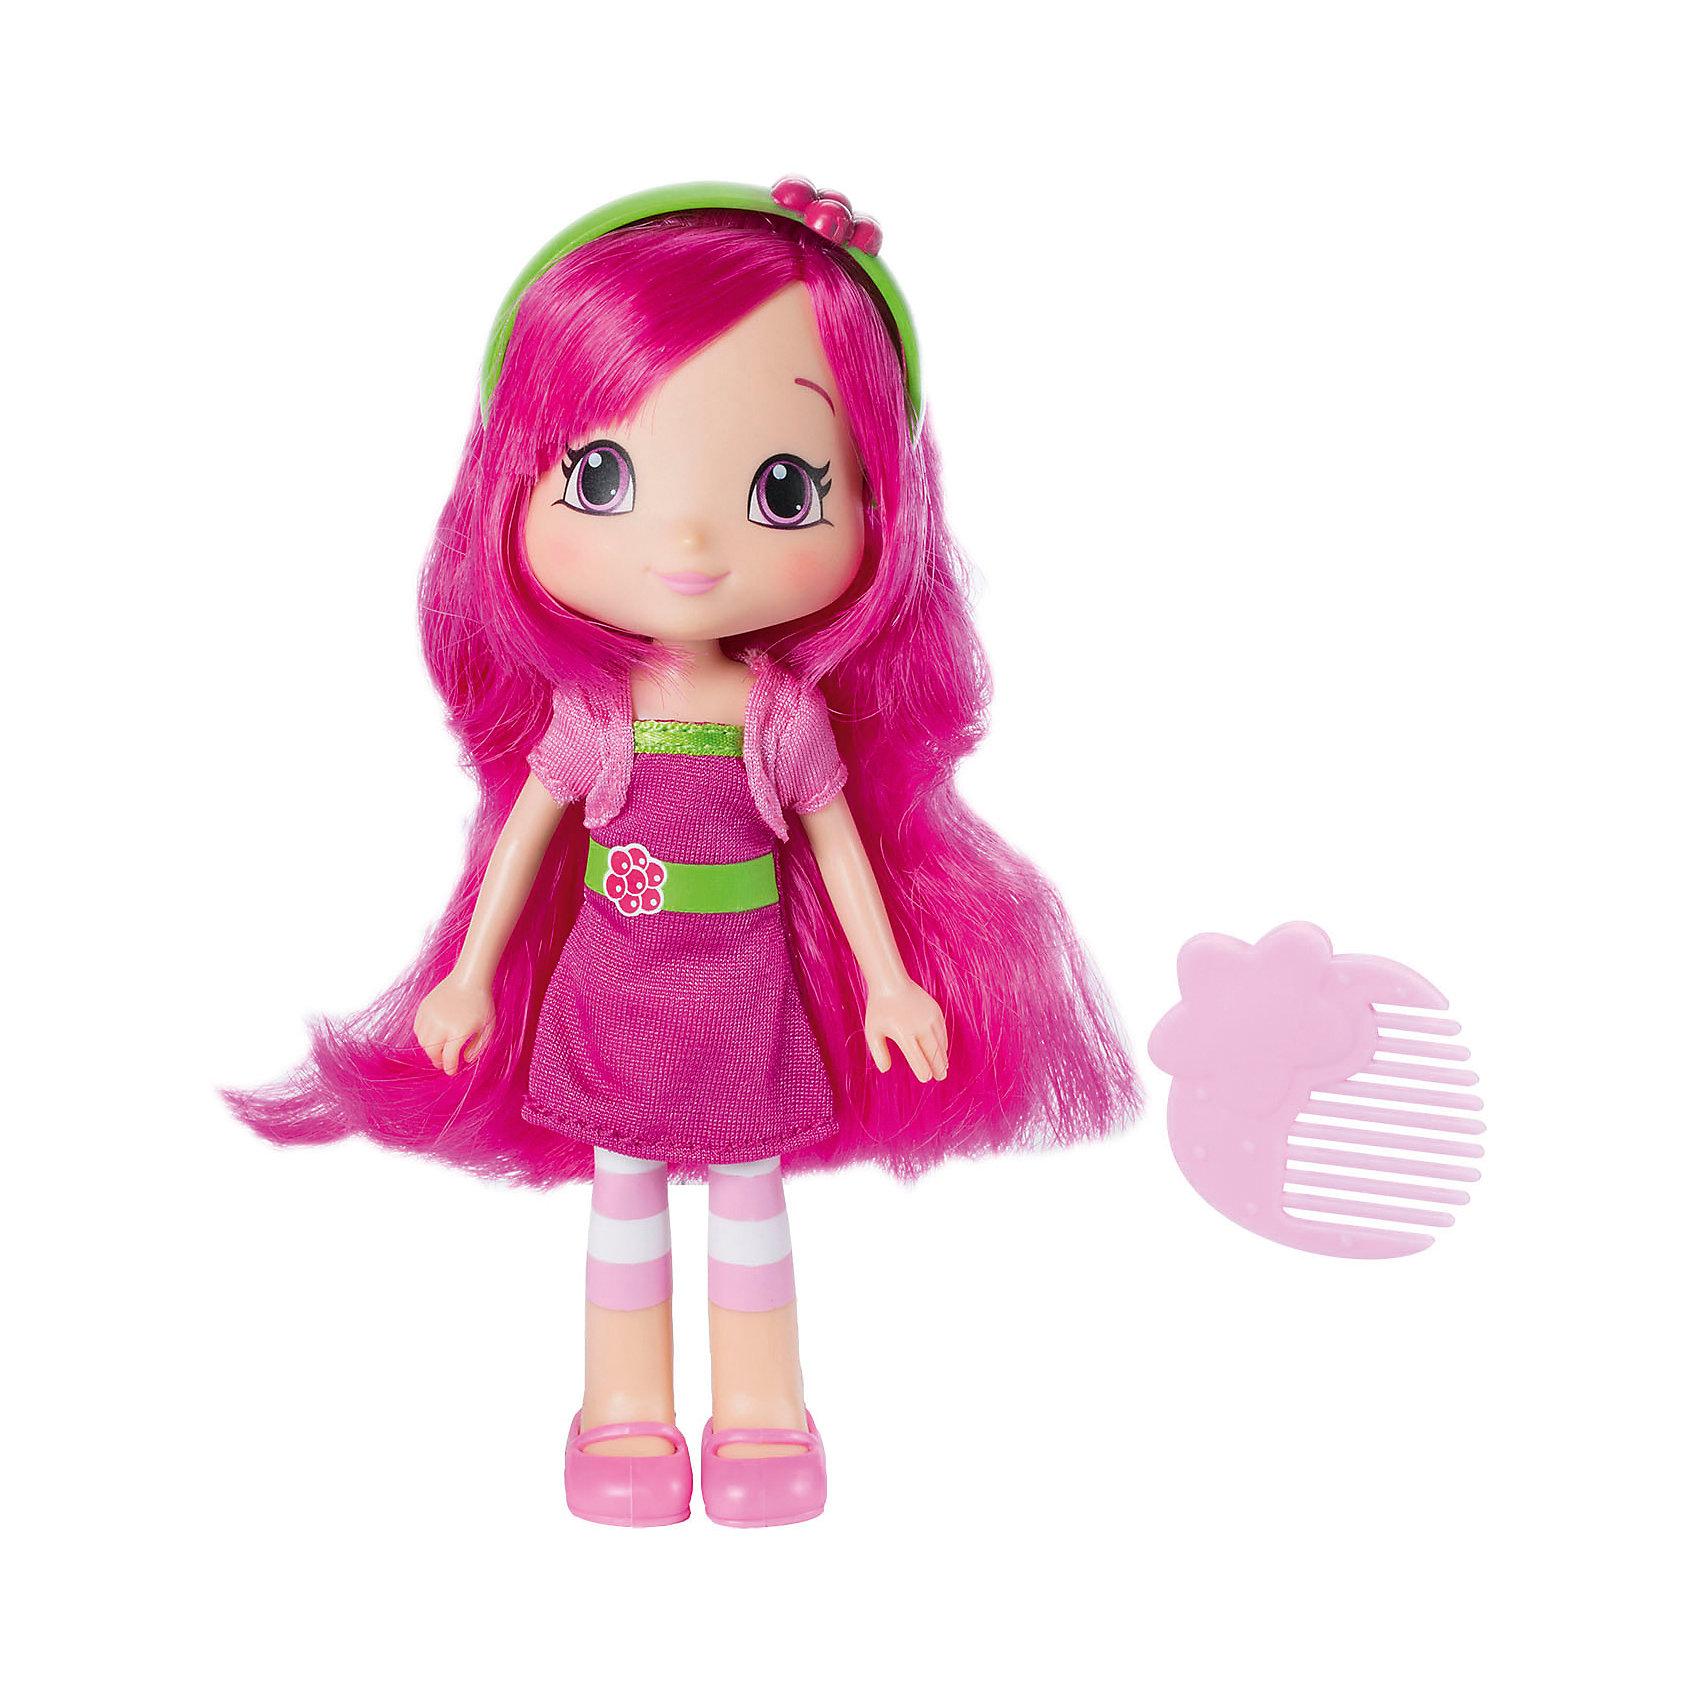 Кукла Малинка, 15 см, Шарлотта Земляничка, The BridgeЯркая кукла Малина обязательно понравится Вашей малышки!<br>Кукла одета в розовое платье, короткий жакет и лосины в бело-розовую полоску. Так же, у нее длинные волосы, с которыми можно делать самые разнообразные прически!<br><br>Дополнительная информация:<br><br>- Возраст: от 3 лет.<br>- В наборе: кукла, аксессуар.<br>- Материал: пластик, текстиль.<br>- Размер куклы: 15 см.<br>- Размер упаковки: 20х6х13 см.<br><br>Купить куклу Малина, можно в нашем магазине.<br><br>Ширина мм: 130<br>Глубина мм: 60<br>Высота мм: 210<br>Вес г: 141<br>Возраст от месяцев: 36<br>Возраст до месяцев: 120<br>Пол: Женский<br>Возраст: Детский<br>SKU: 4929090